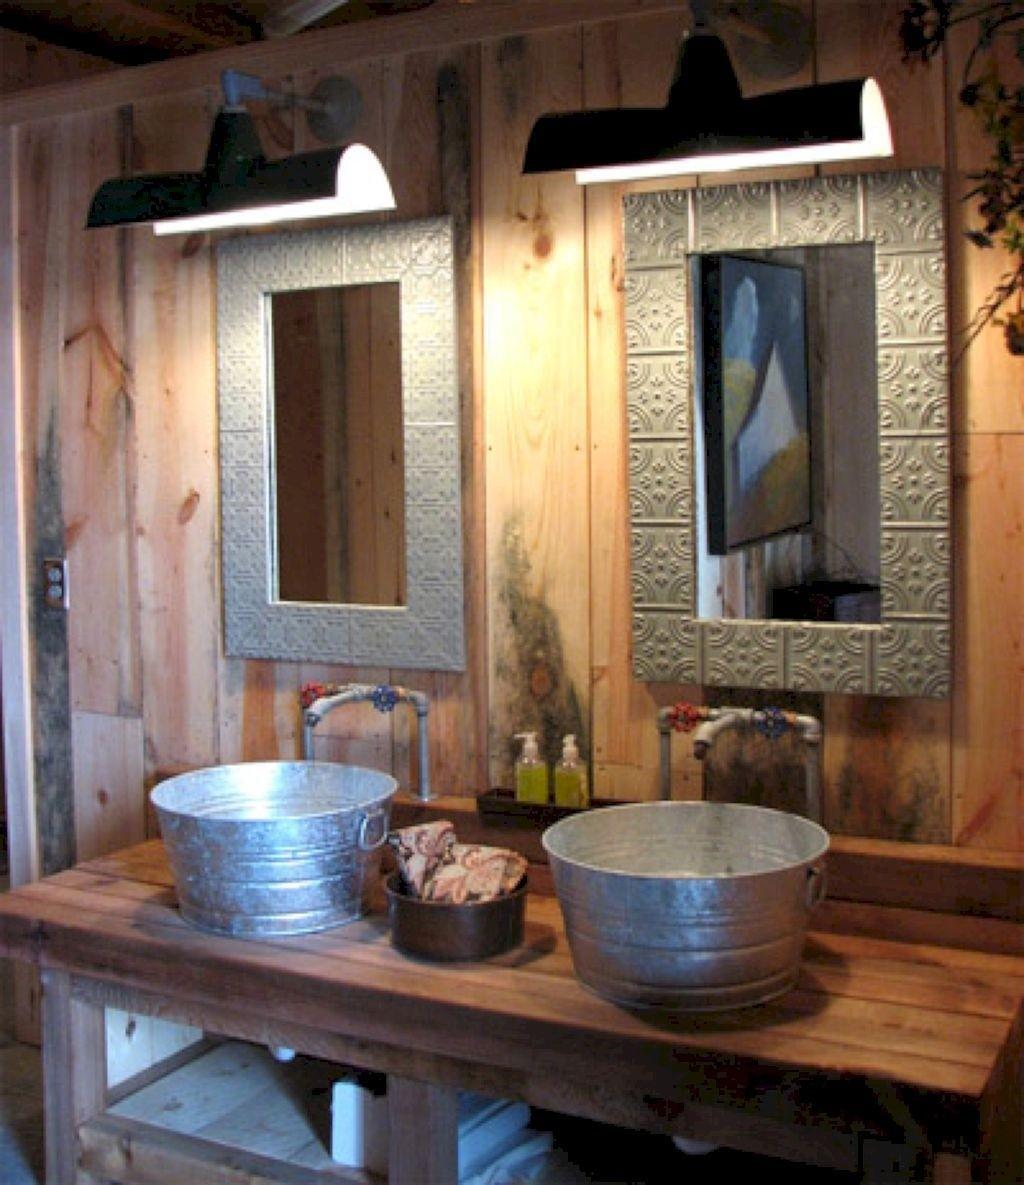 rustic bathroom sinks ideas on foter